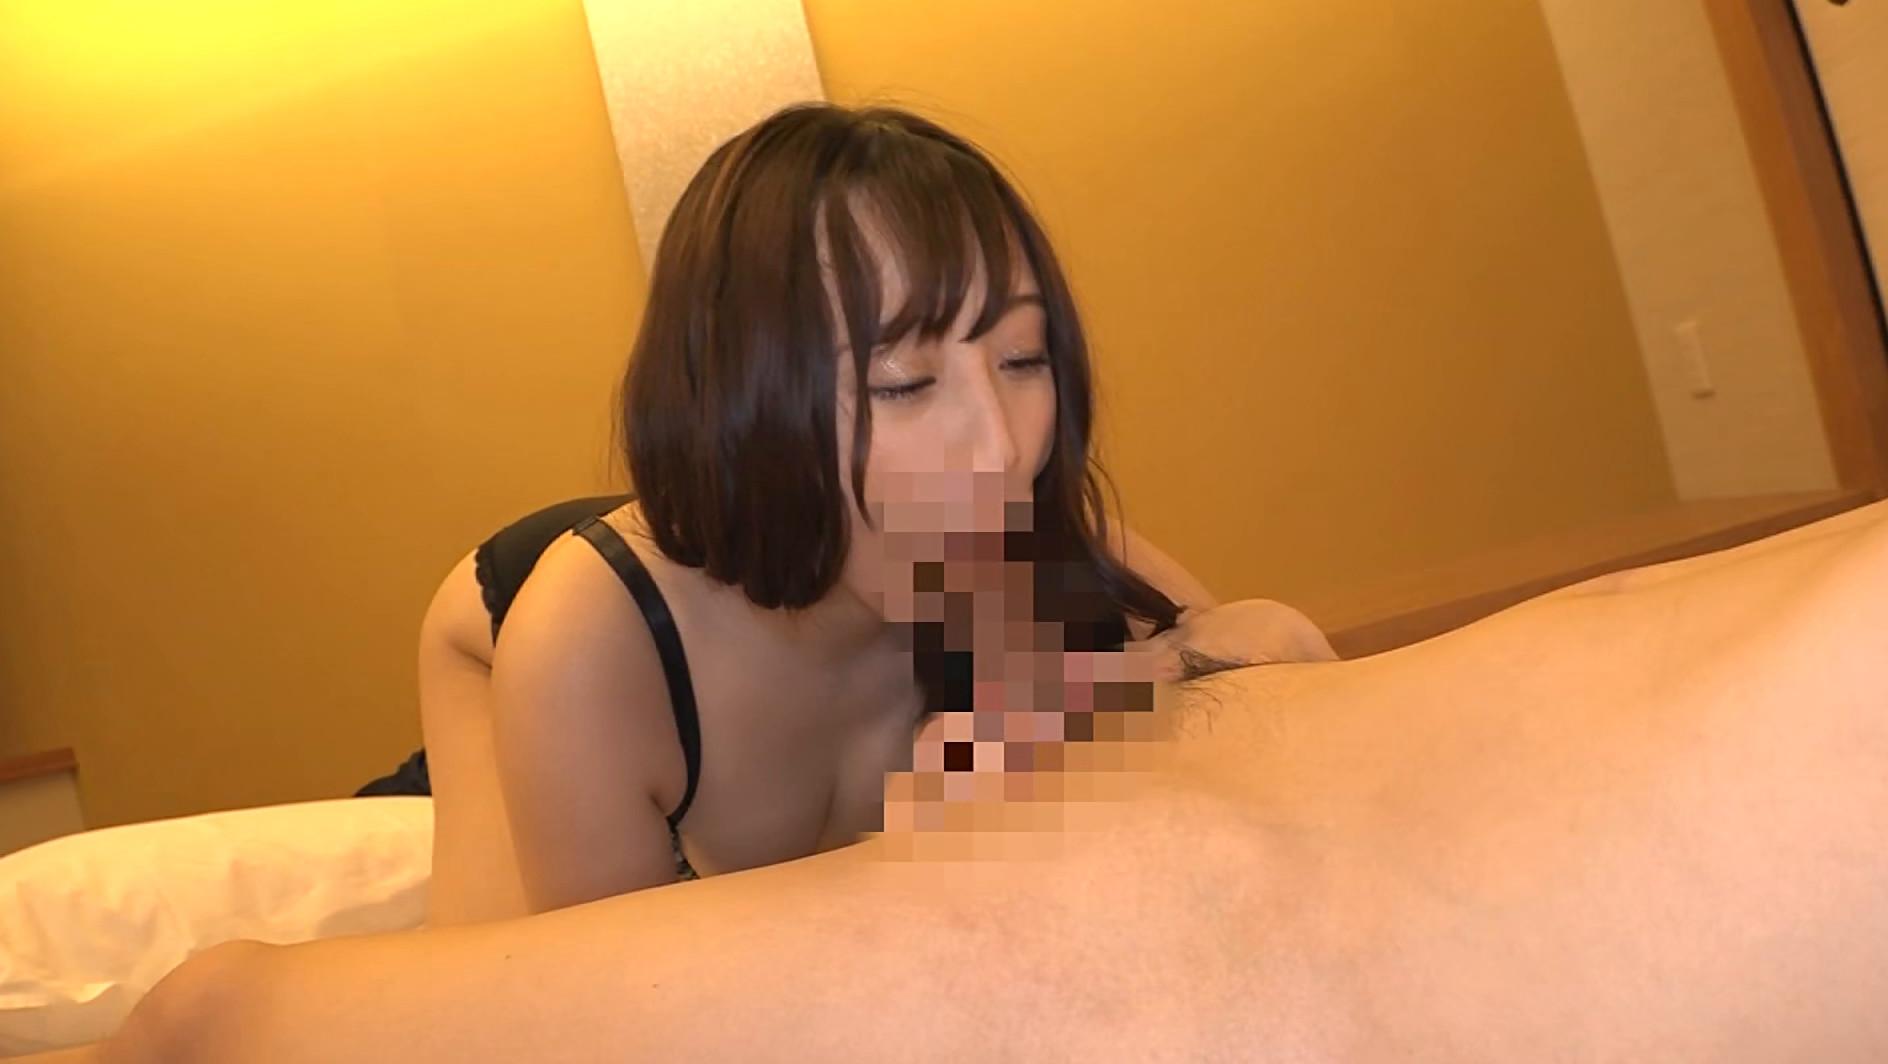 人気女優・きみと歩実を泥酔させたら引くぐらいエロいSEXが撮れちゃいました 画像12